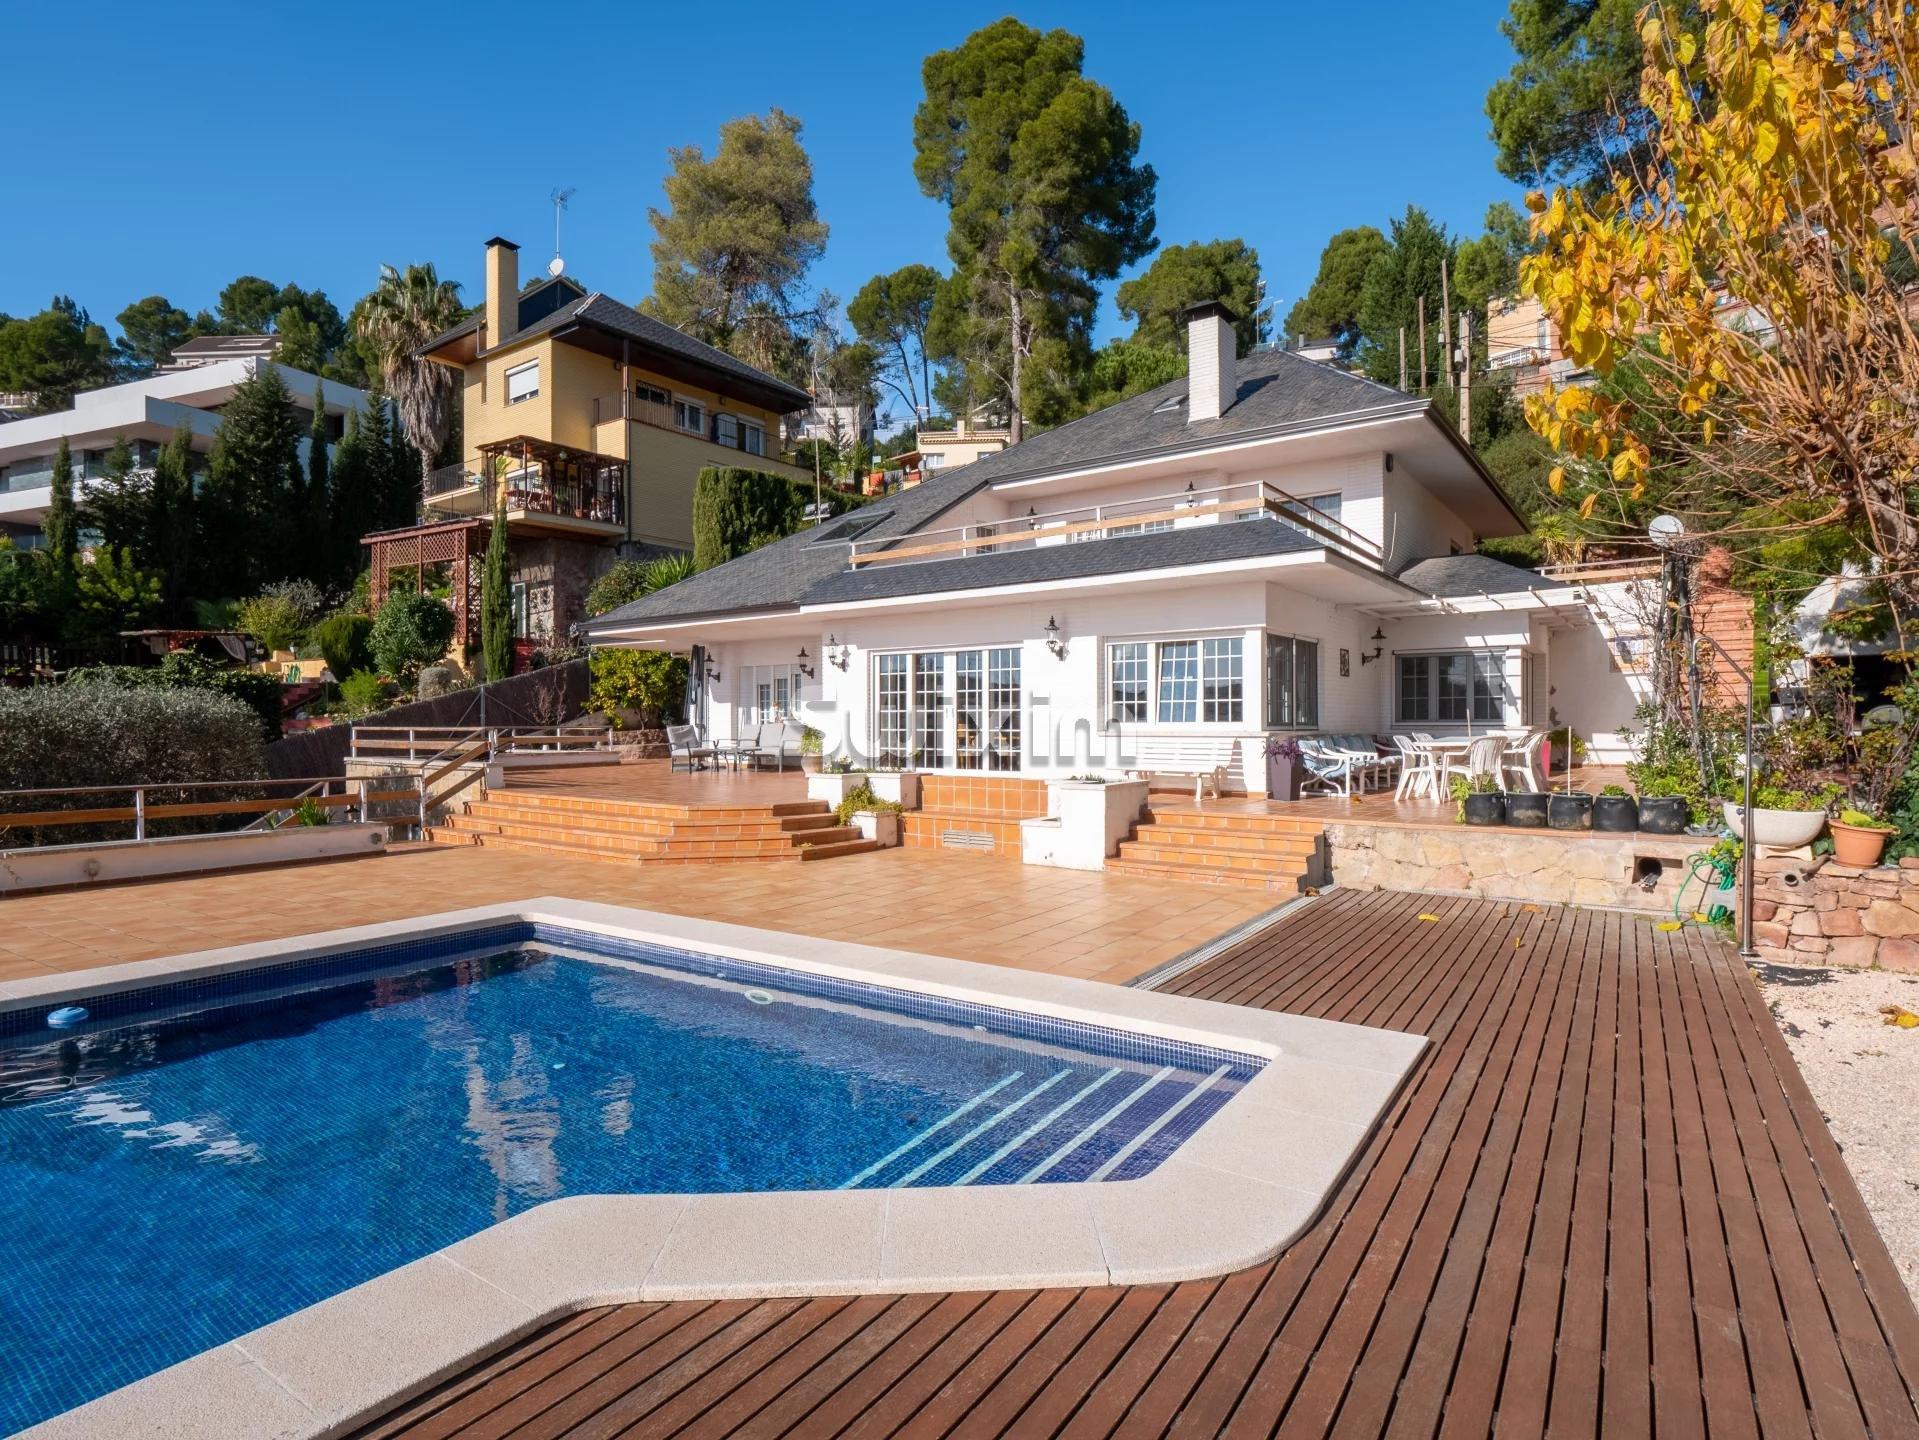 Magnifique maison avec piscine dans une zone privilégié